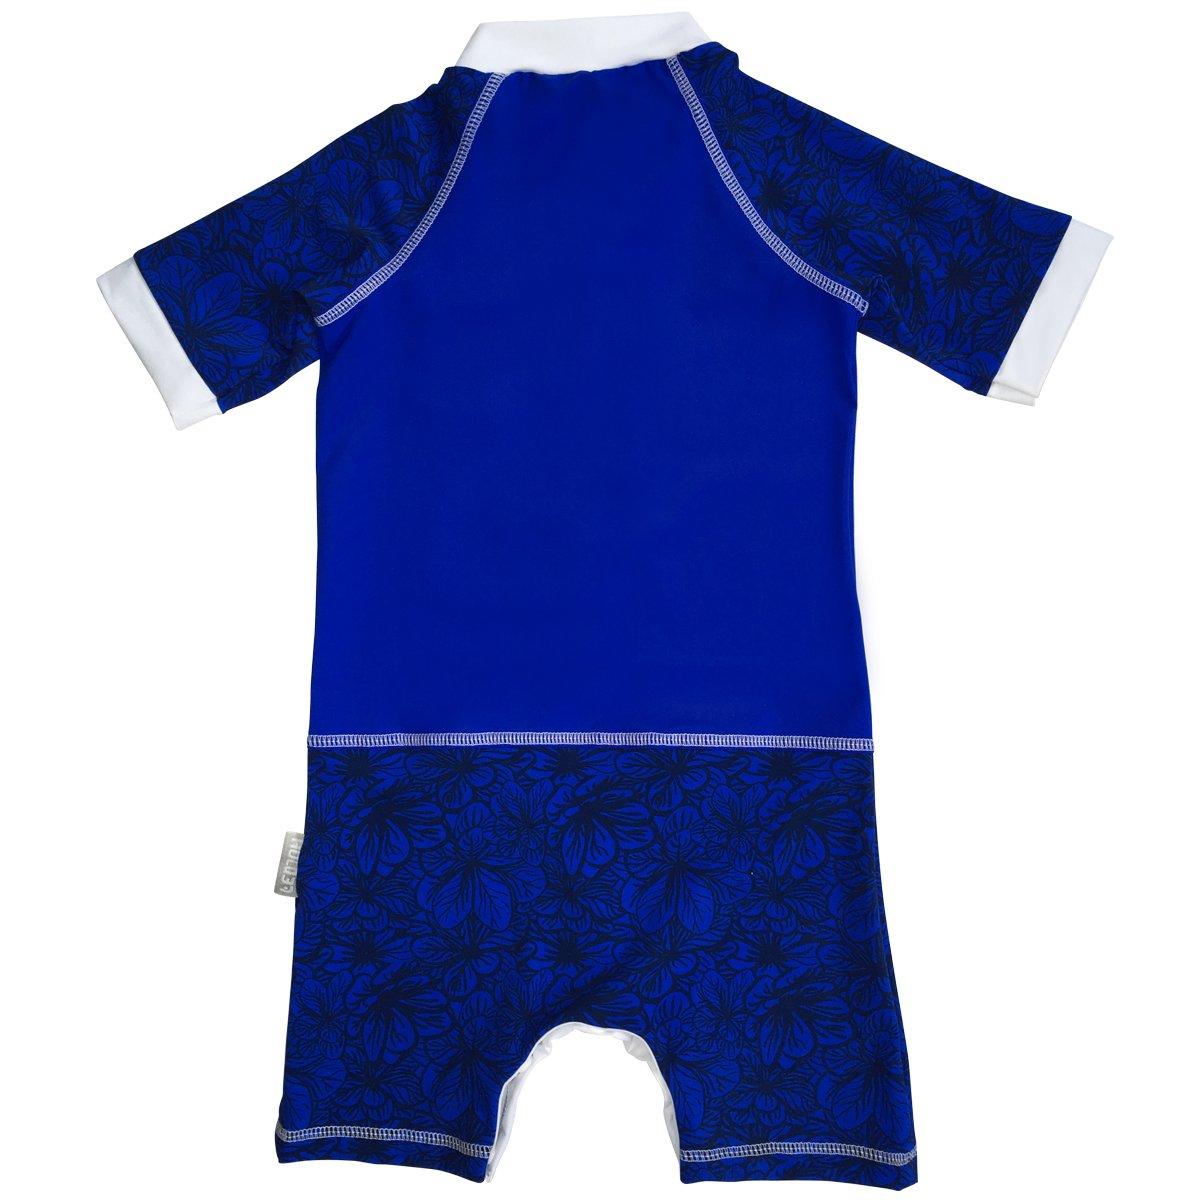 FEDJOA Ba/ñador con Protecci/ón Solar UV para beb/é BONIFACIO Creador Franc/és